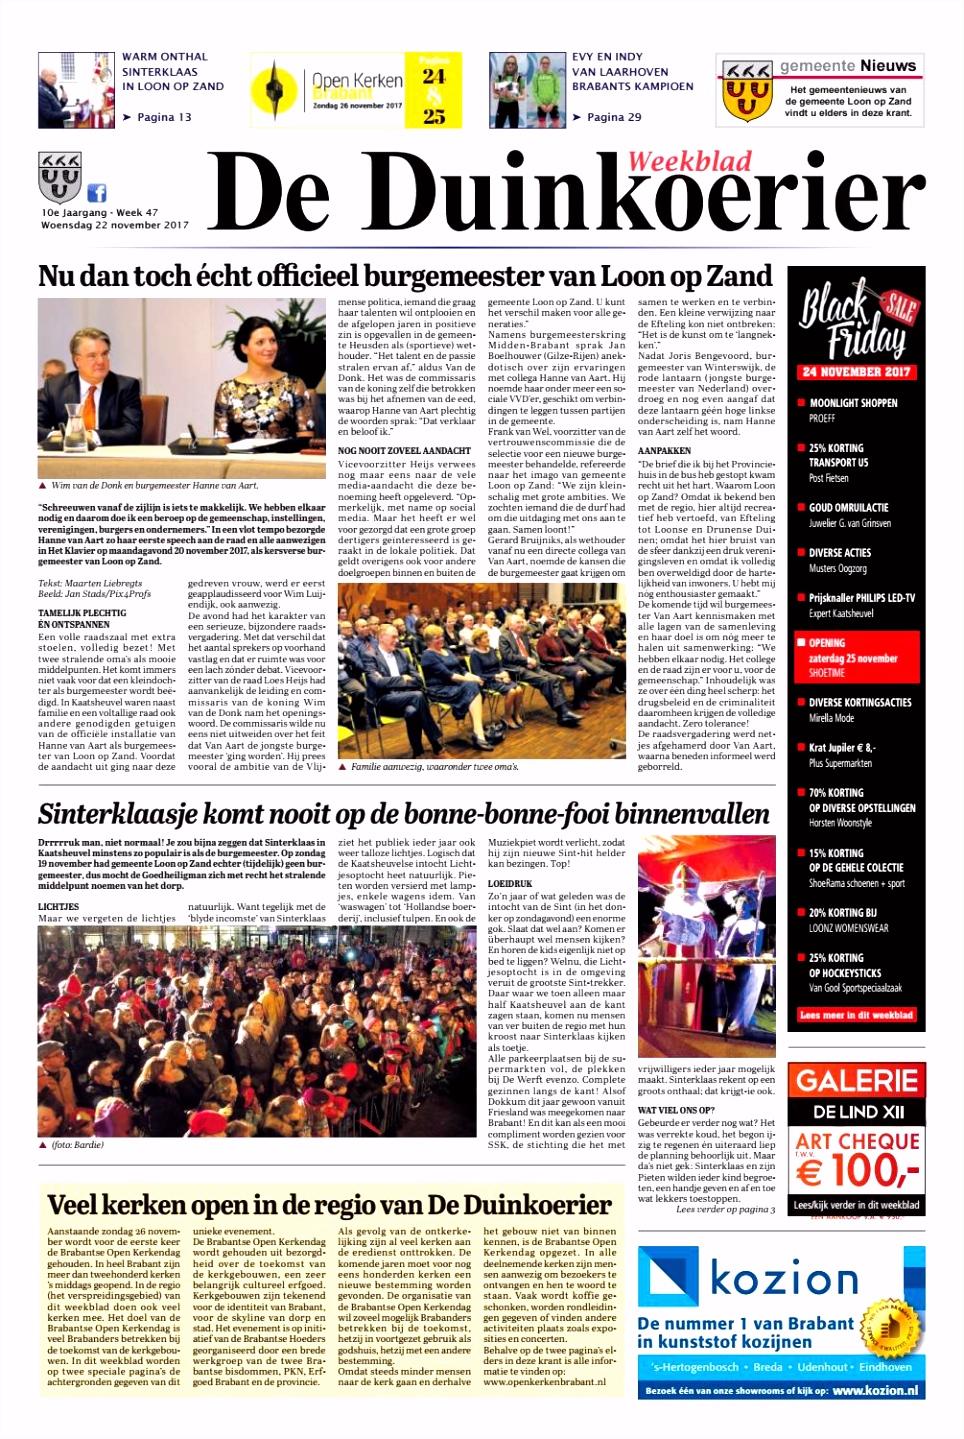 De Duinkoerier 22 11 2017 by Uitgeverij Em de Jong issuu